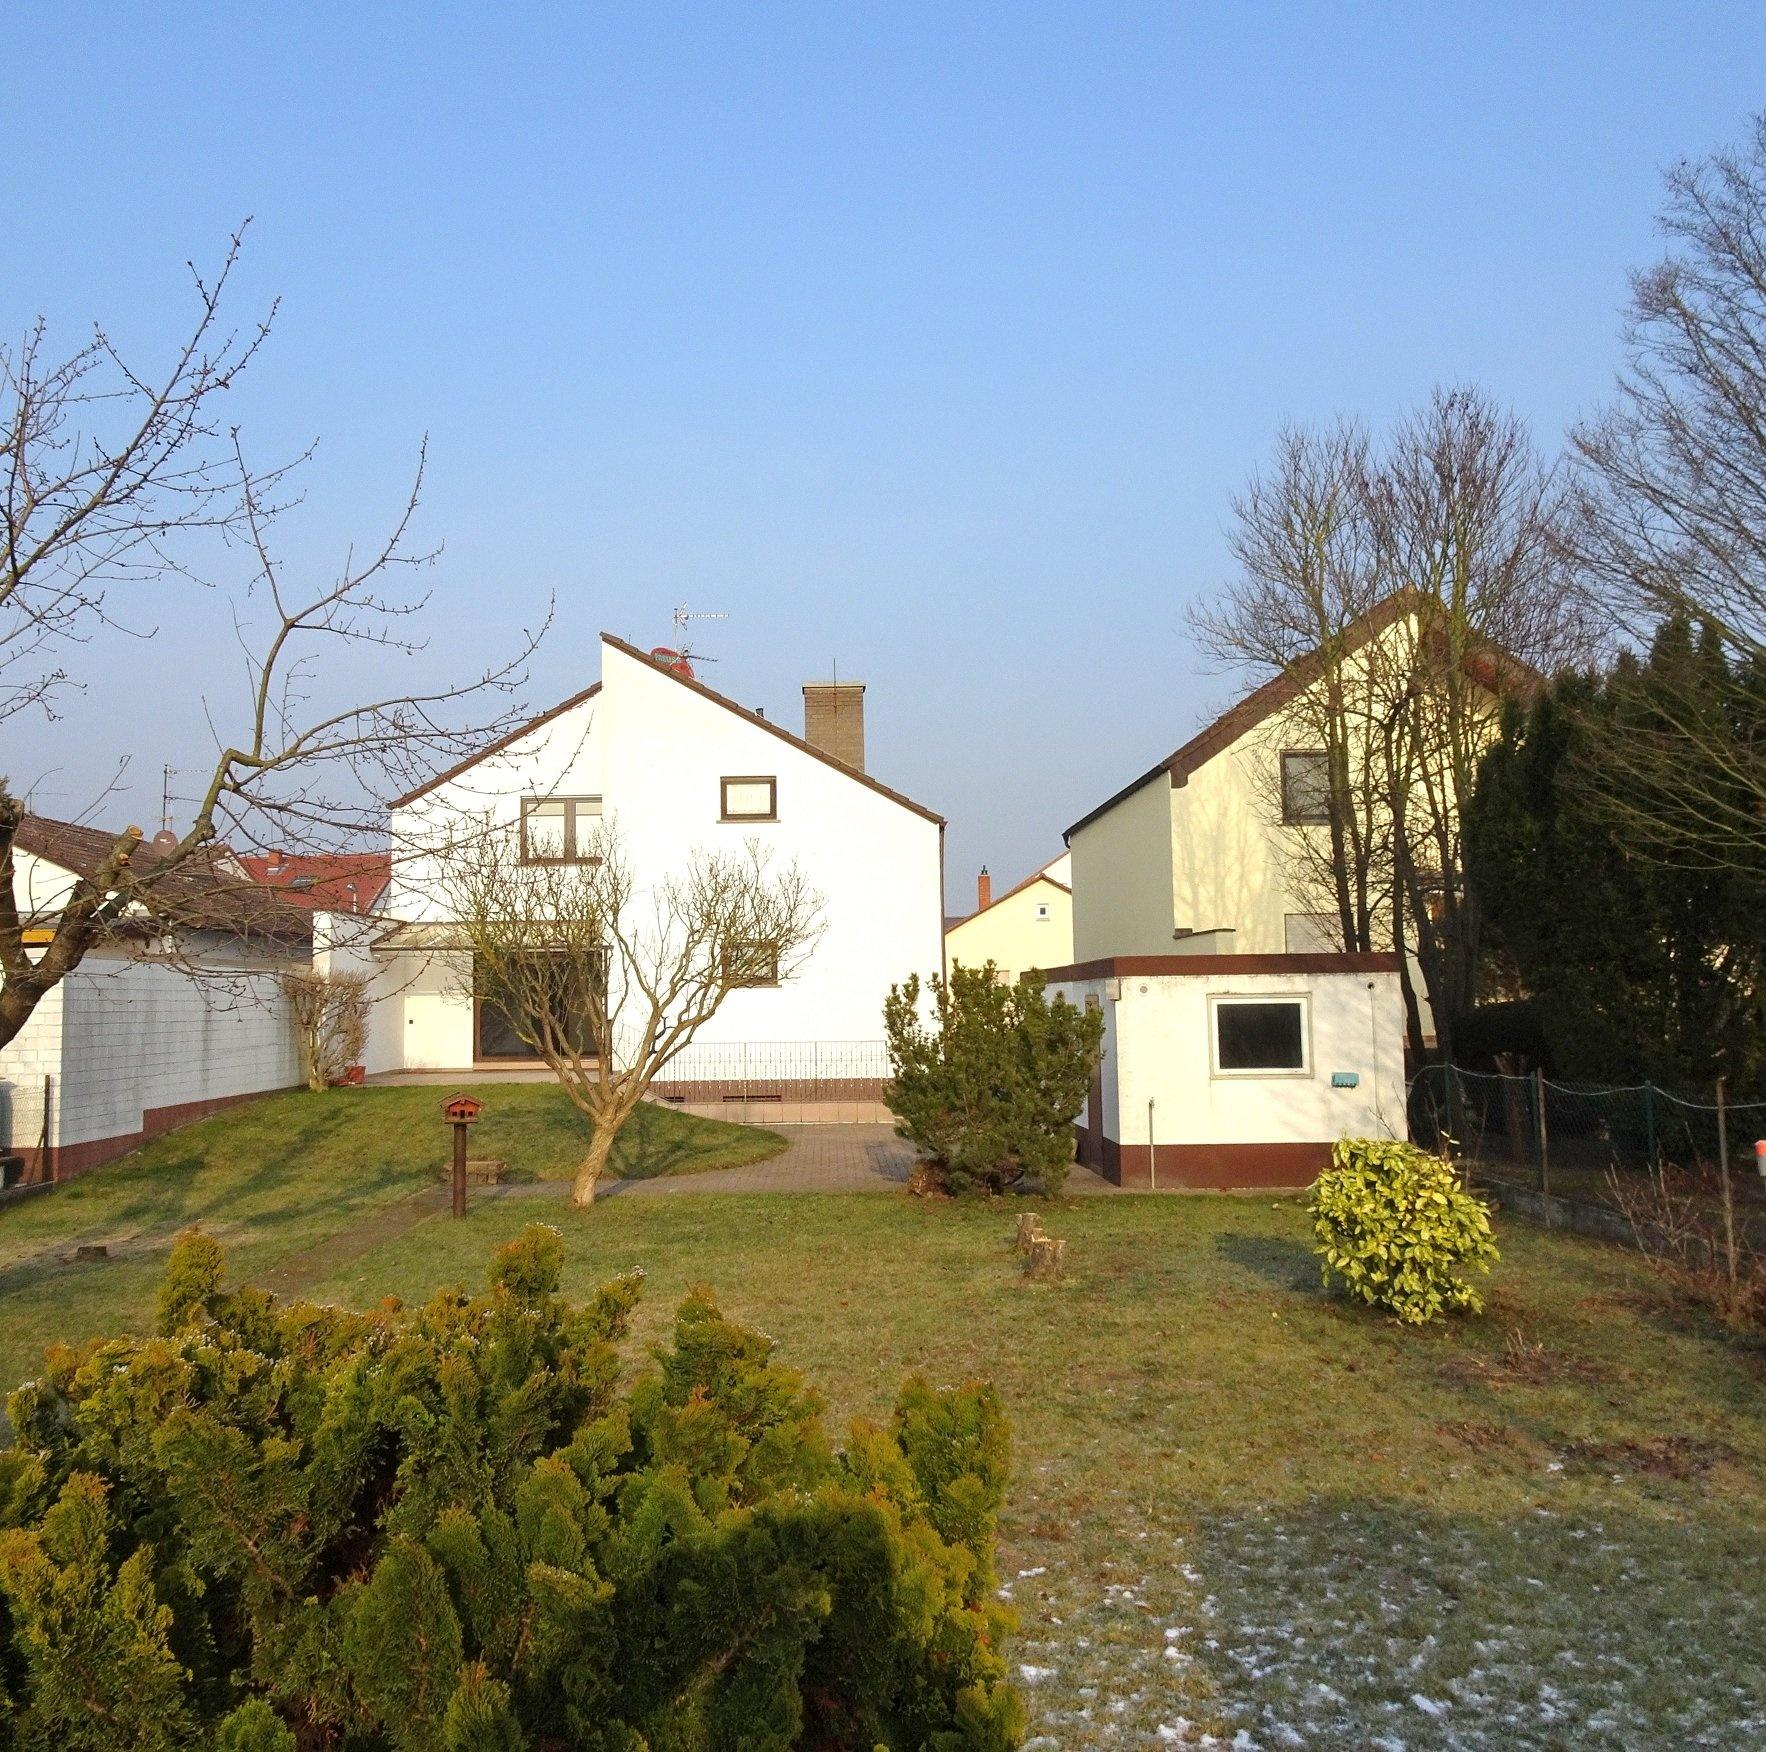 Unser Hausmittel für Ihr Wohlbefinden: 1-2FH –Garten – Garage – ruhige, begehrte Lage in Hofheim!, 68623 Lampertheim, Einfamilienhaus